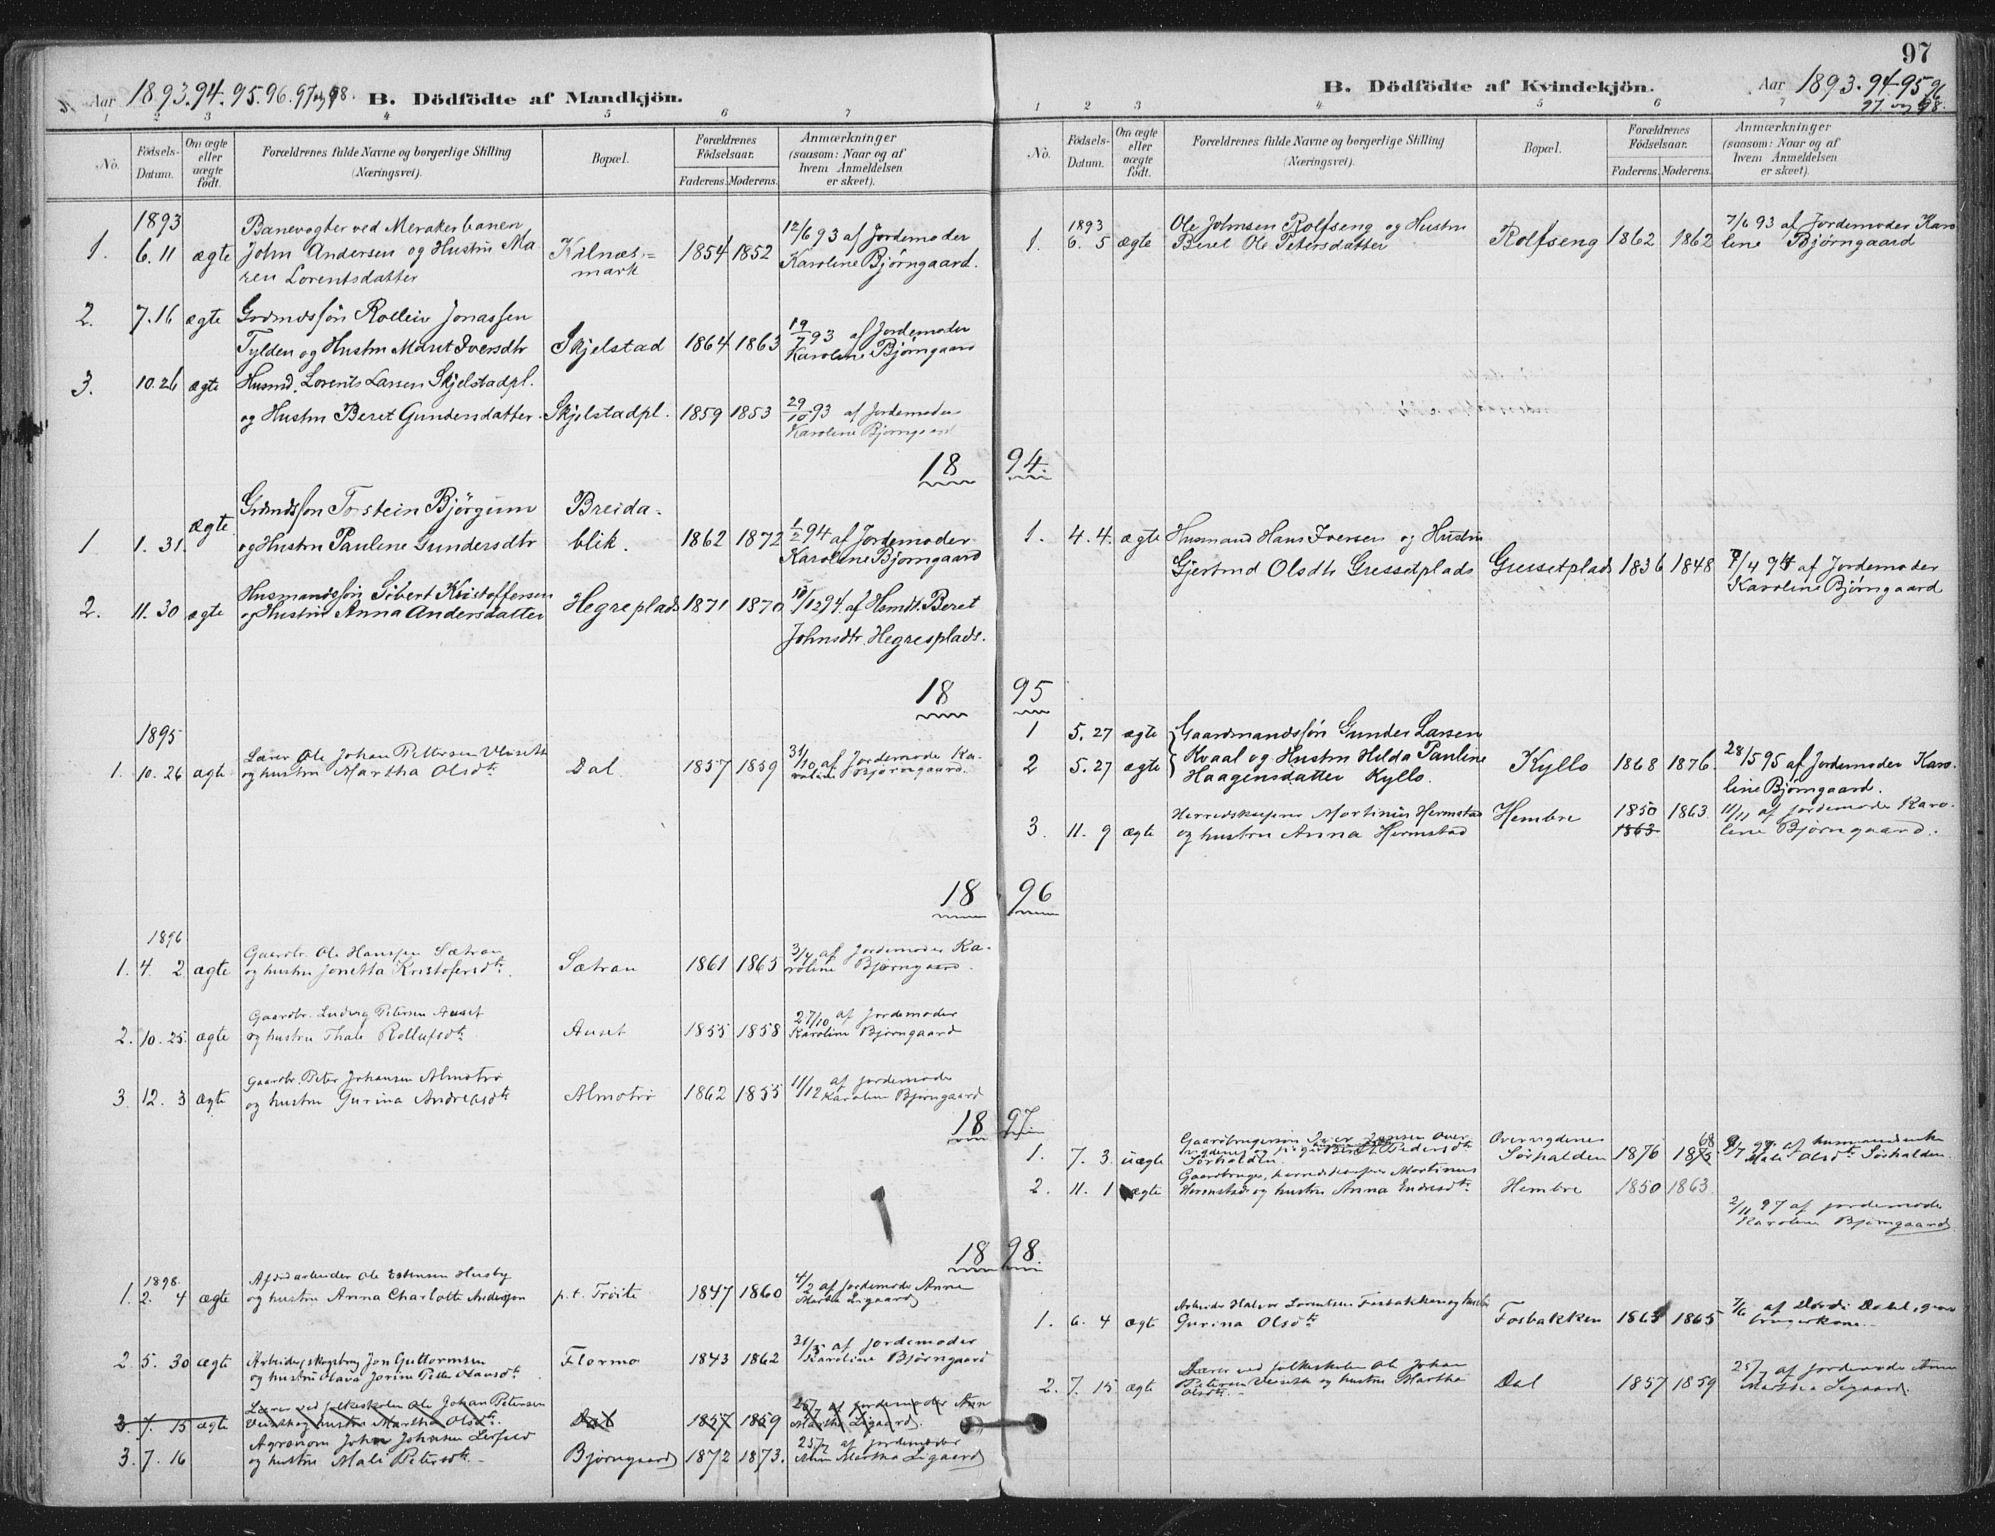 SAT, Ministerialprotokoller, klokkerbøker og fødselsregistre - Nord-Trøndelag, 703/L0031: Ministerialbok nr. 703A04, 1893-1914, s. 97